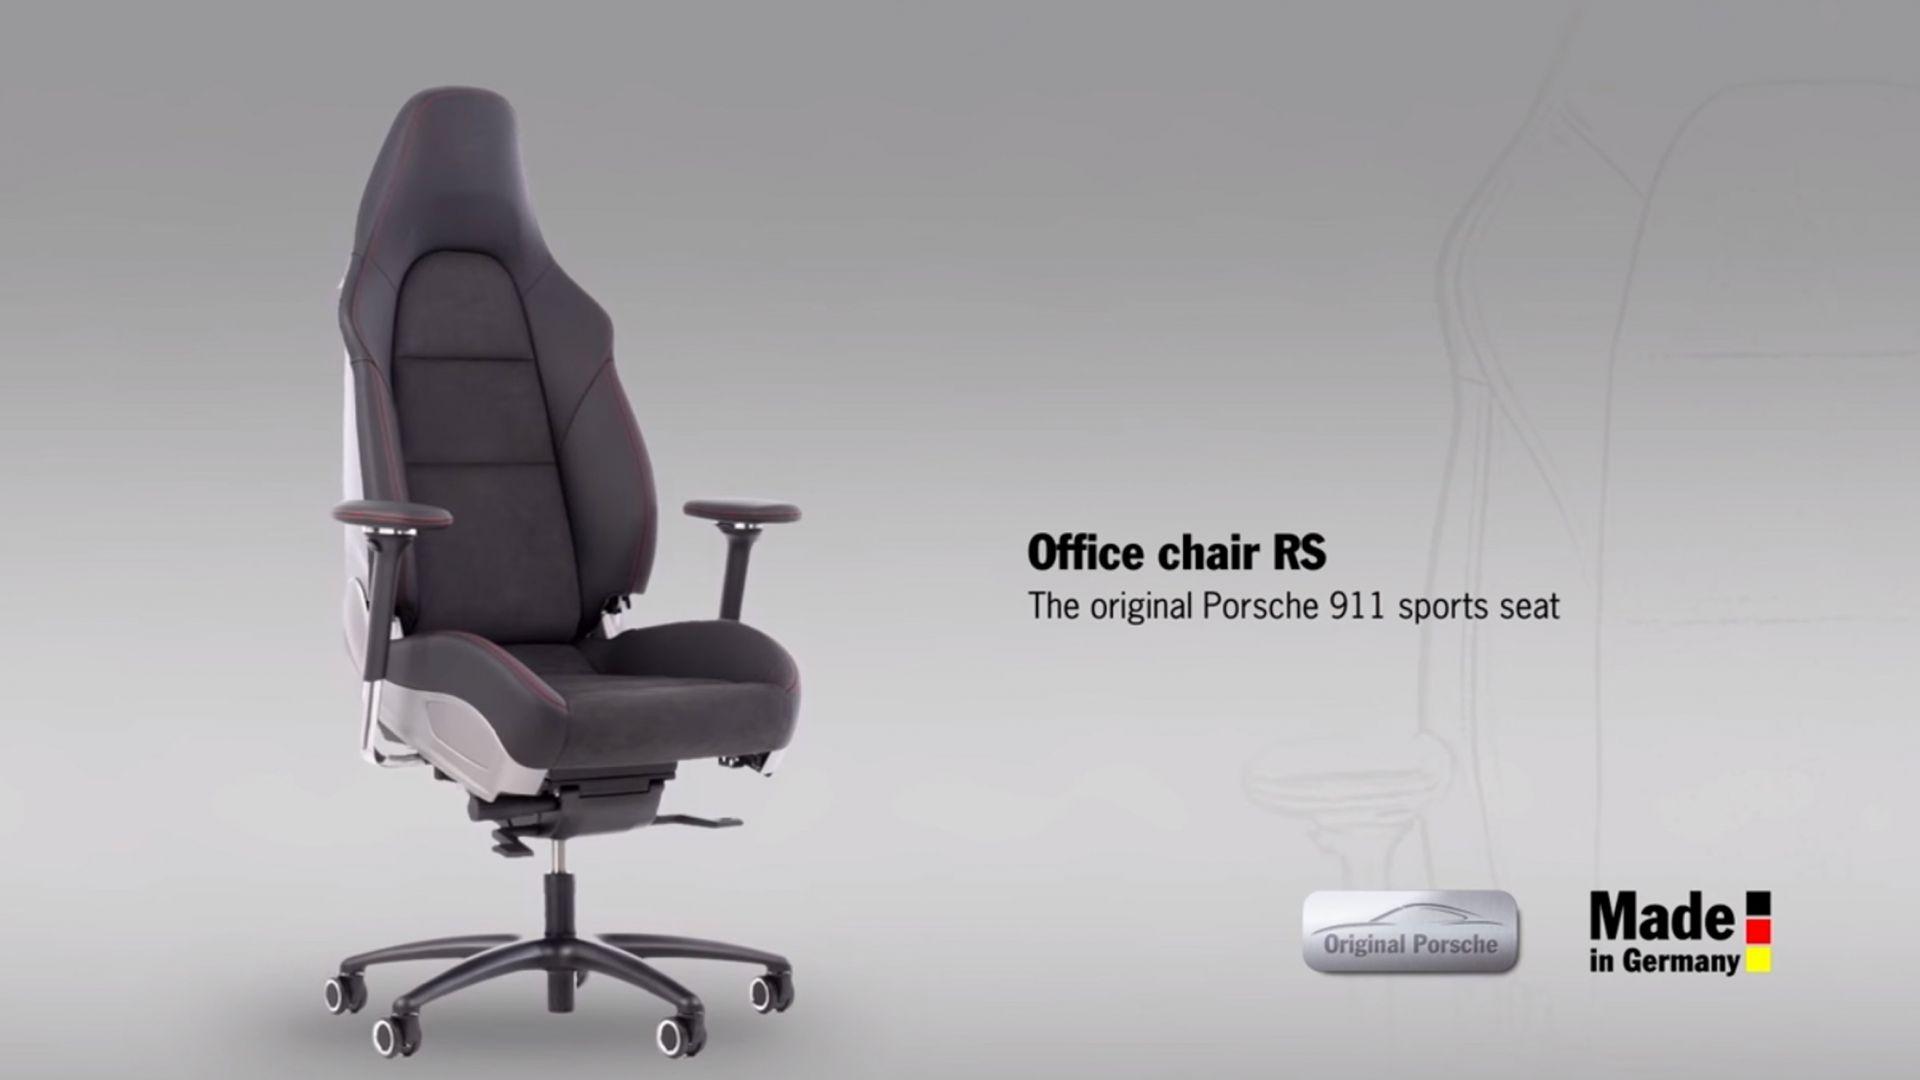 Sedie Ufficio Sportive : Curiosità in ufficio seduti su una porsche motorbox